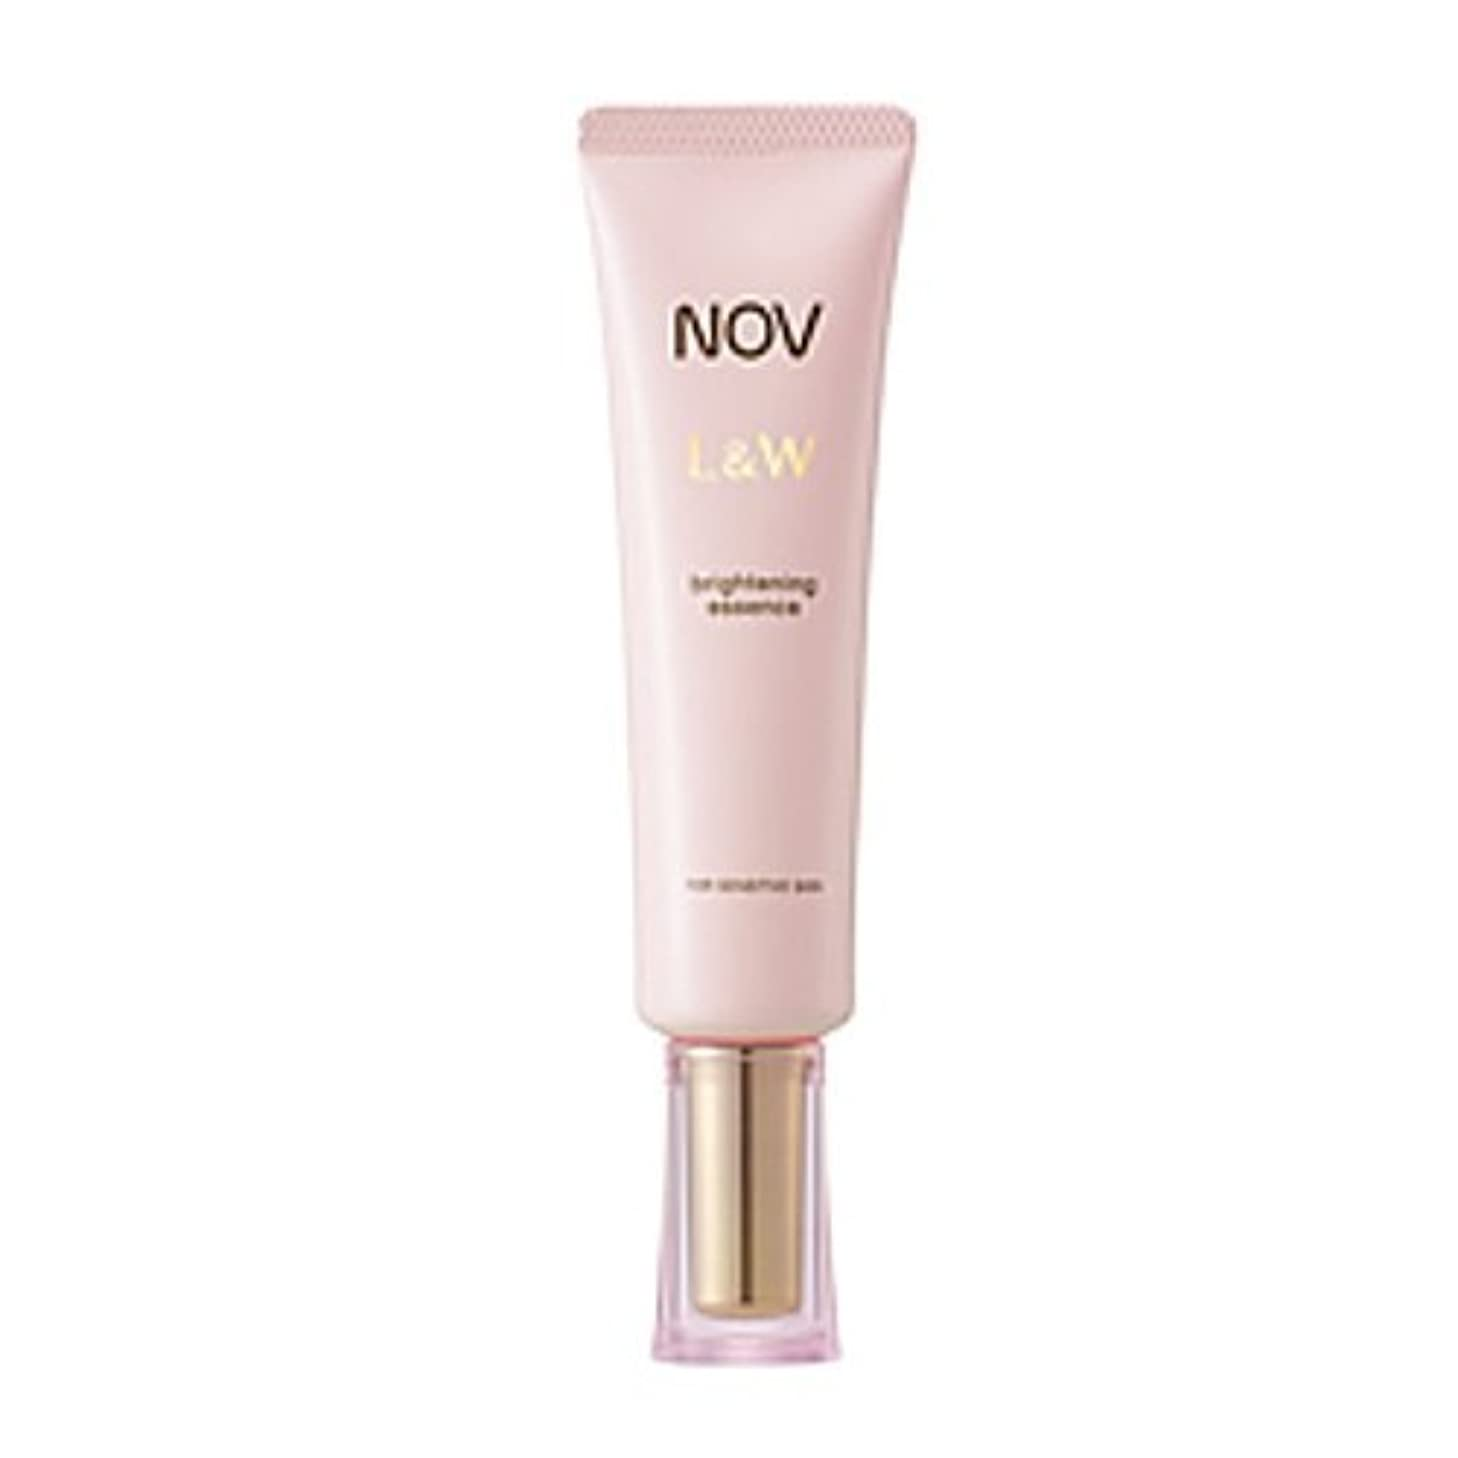 虫を数える静脈近傍NOV L&W  ブライトニングエッセンス(医薬部外品)<30g>